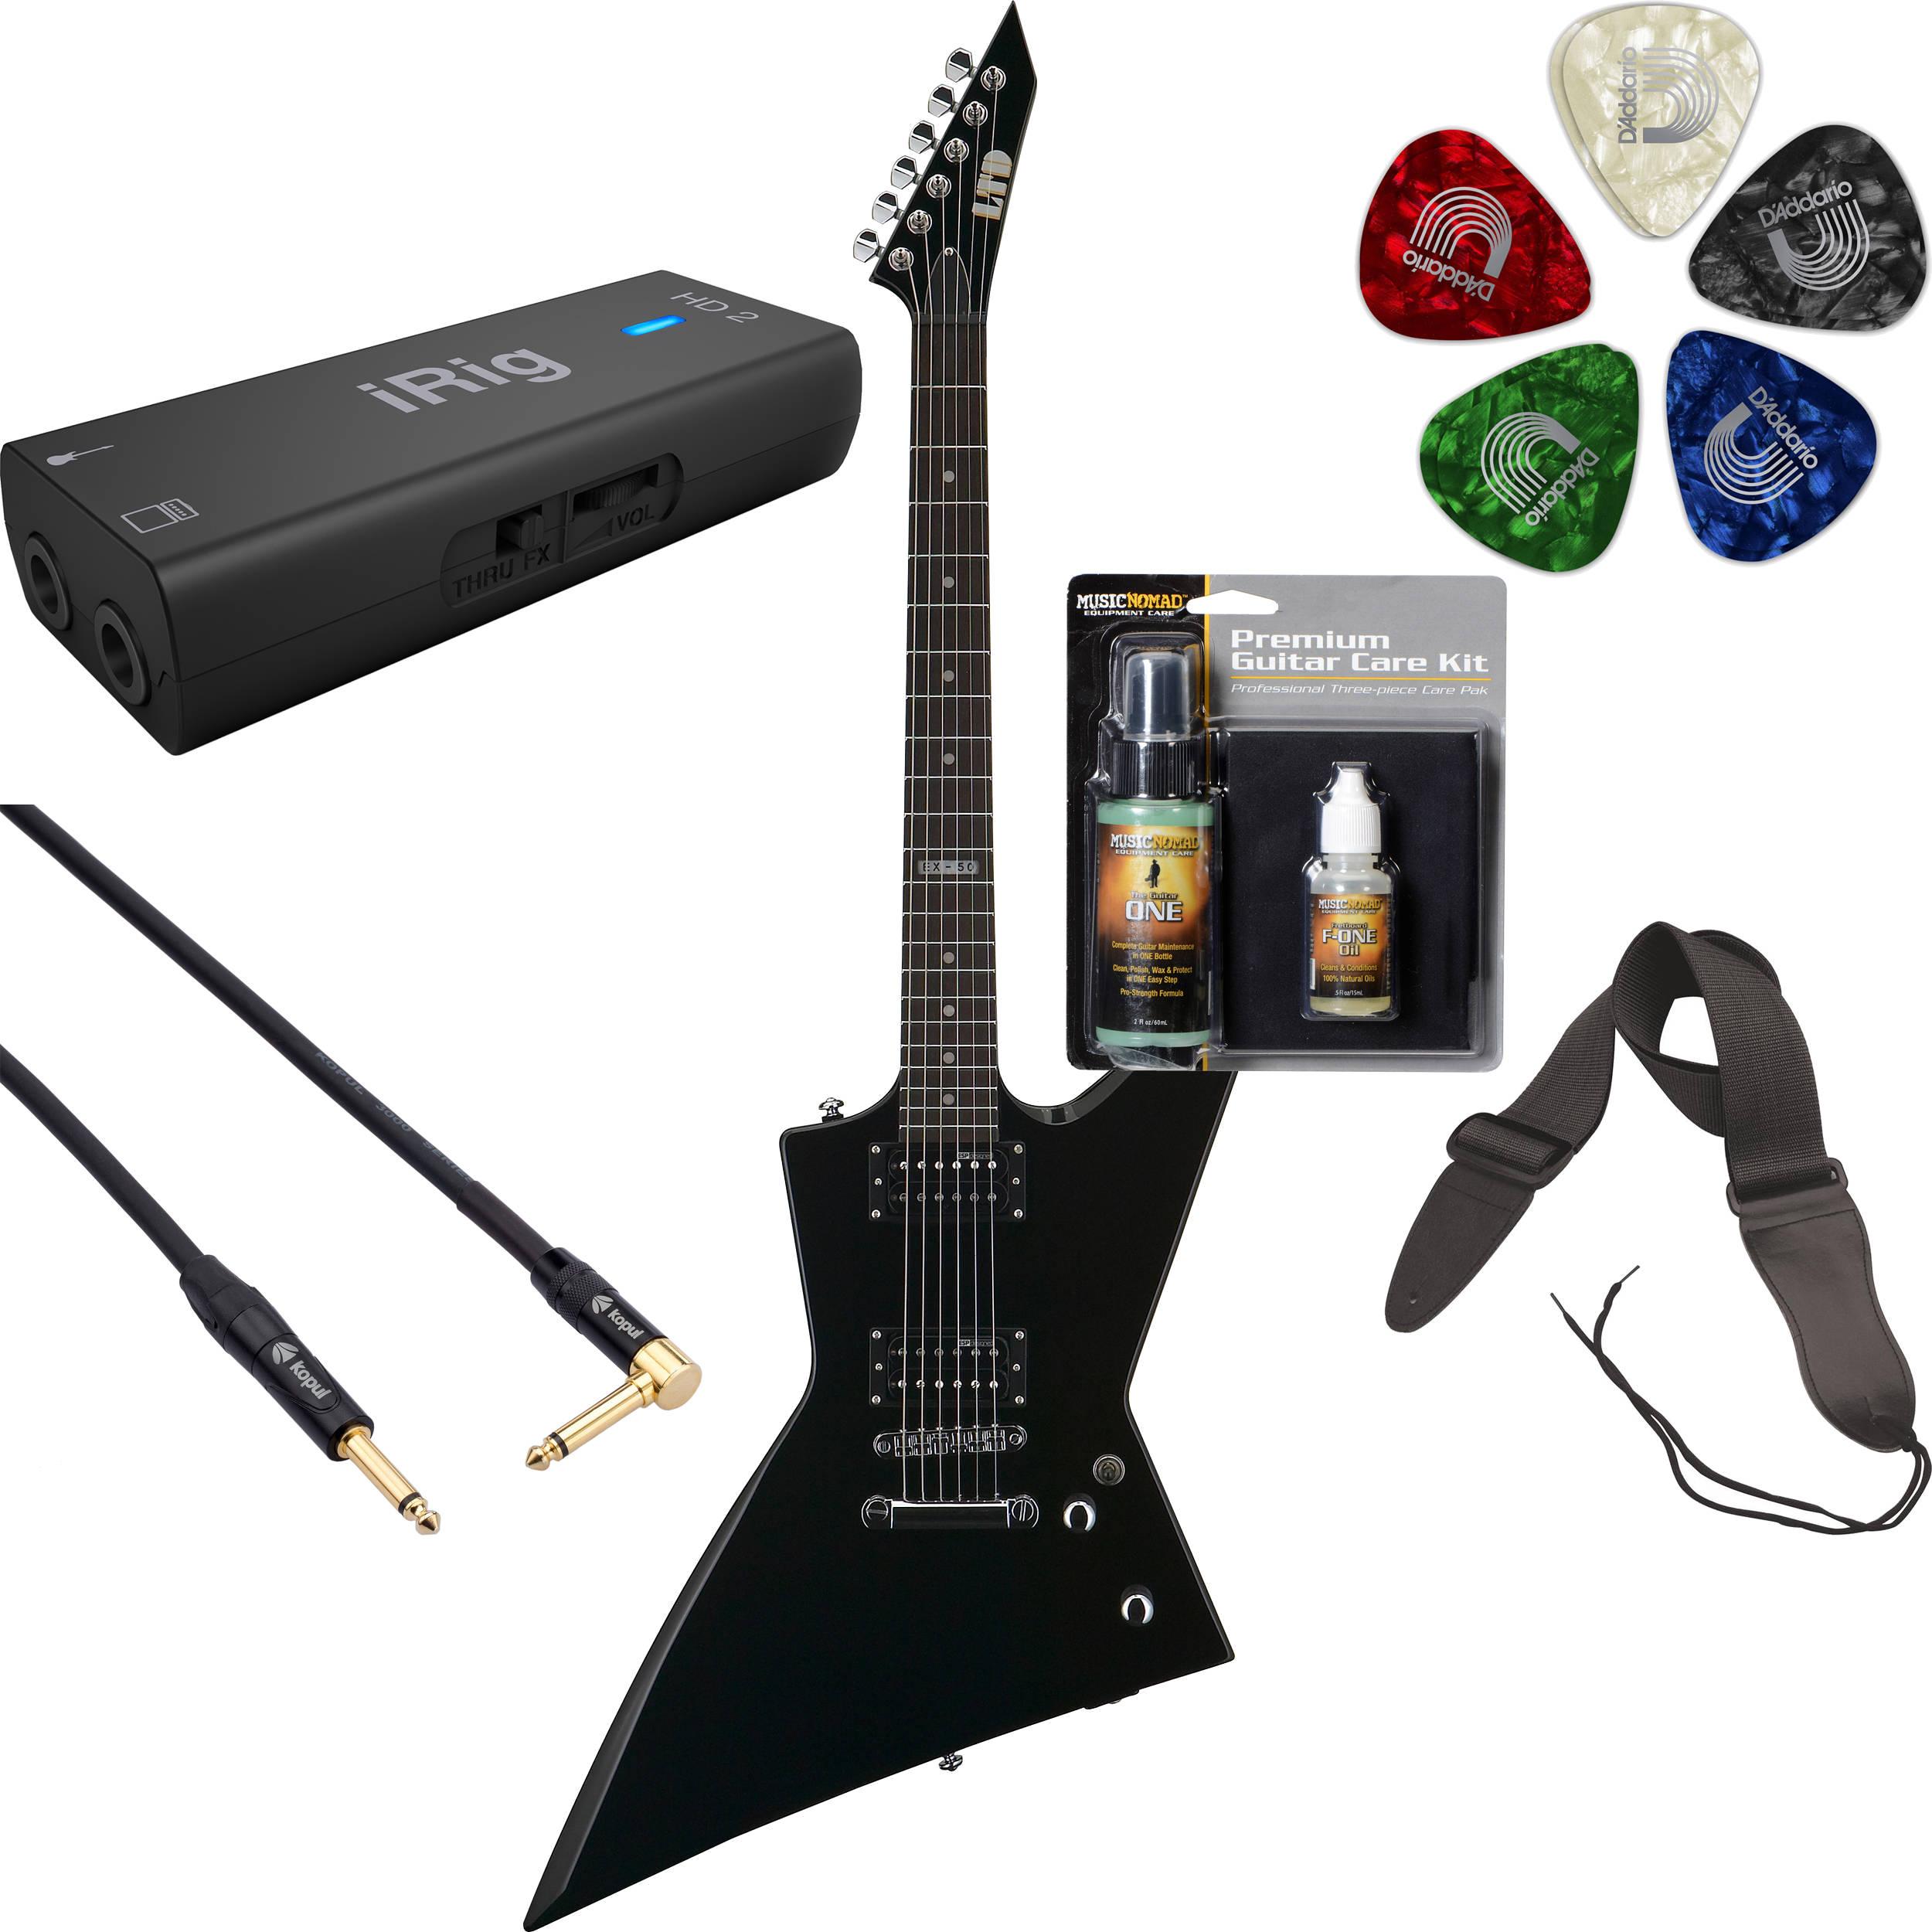 esp ltd ex 50 electric guitar home recording starter kit black. Black Bedroom Furniture Sets. Home Design Ideas